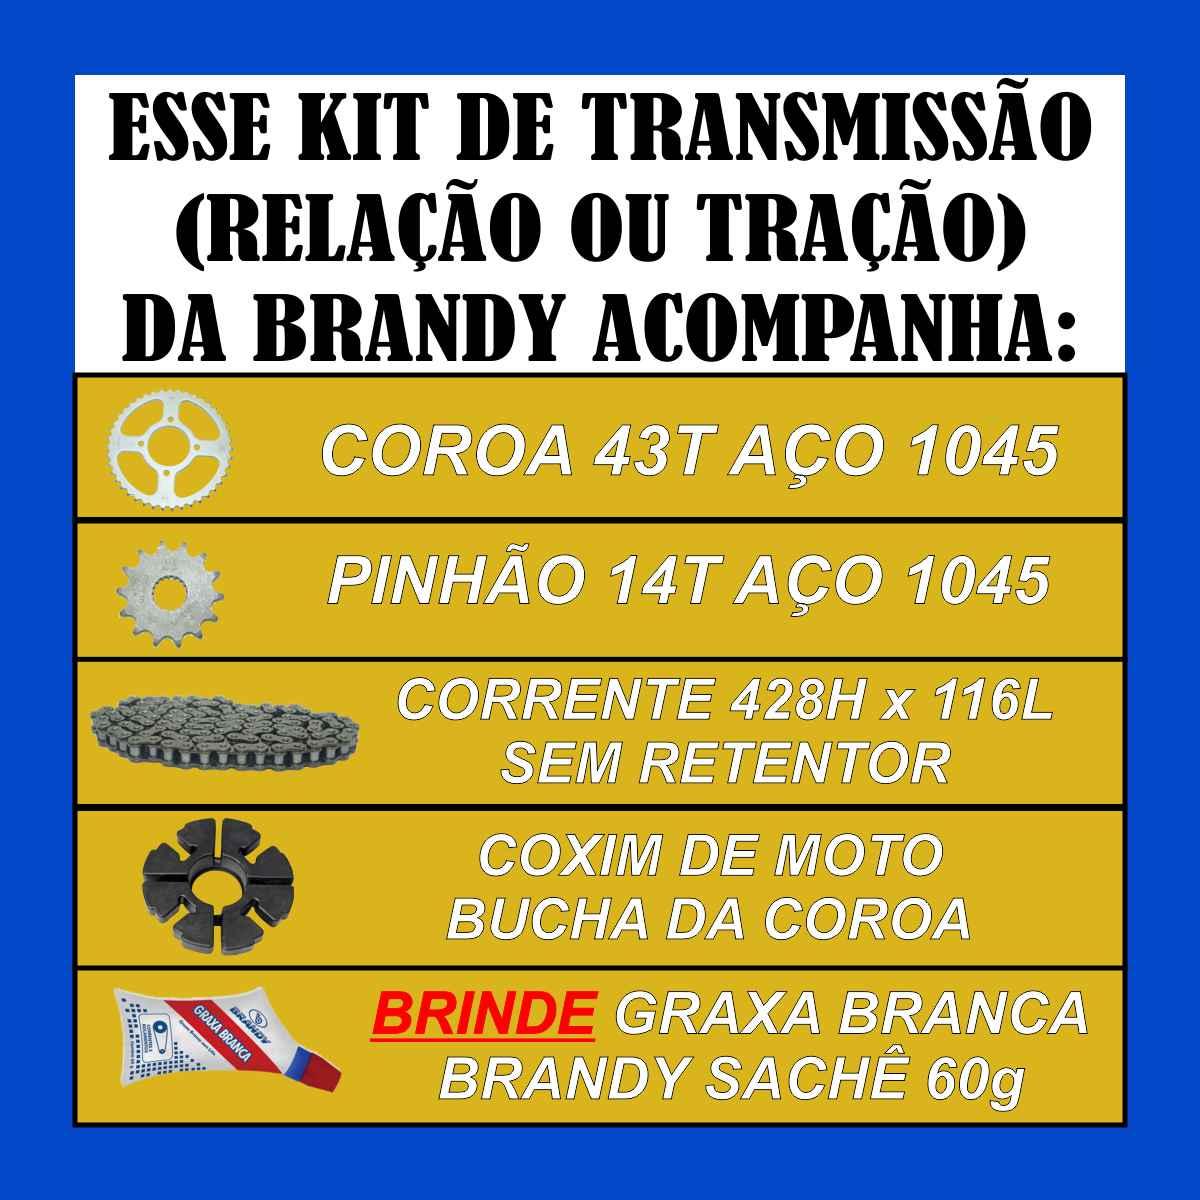 KIT RELAÇÃO TRANSMISSÃO MOTO SUZUKI EN 125 YES SE DE TRAÇÃO + COXIM BUCHA DA COROA + GRAXA SACHÊ 60g